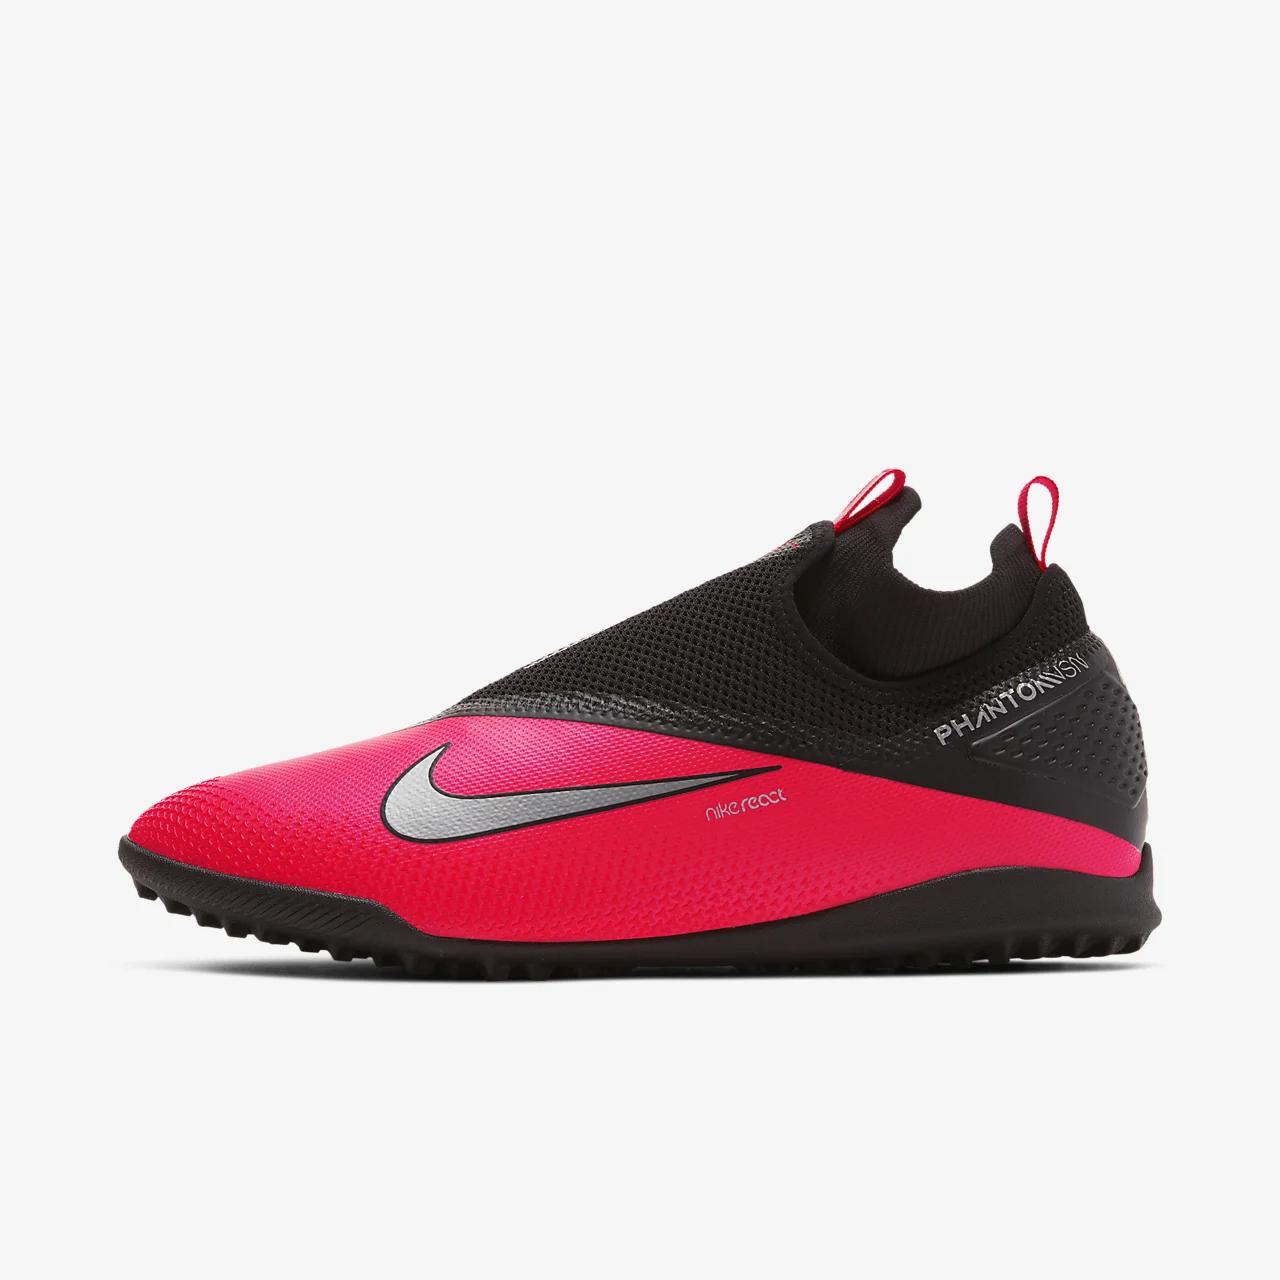 유럽직배송 나이키 NIKE Nike React Phantom Vision 2 Pro Dynamic Fit TF Artificial-Turf Football Shoe CD4174-606